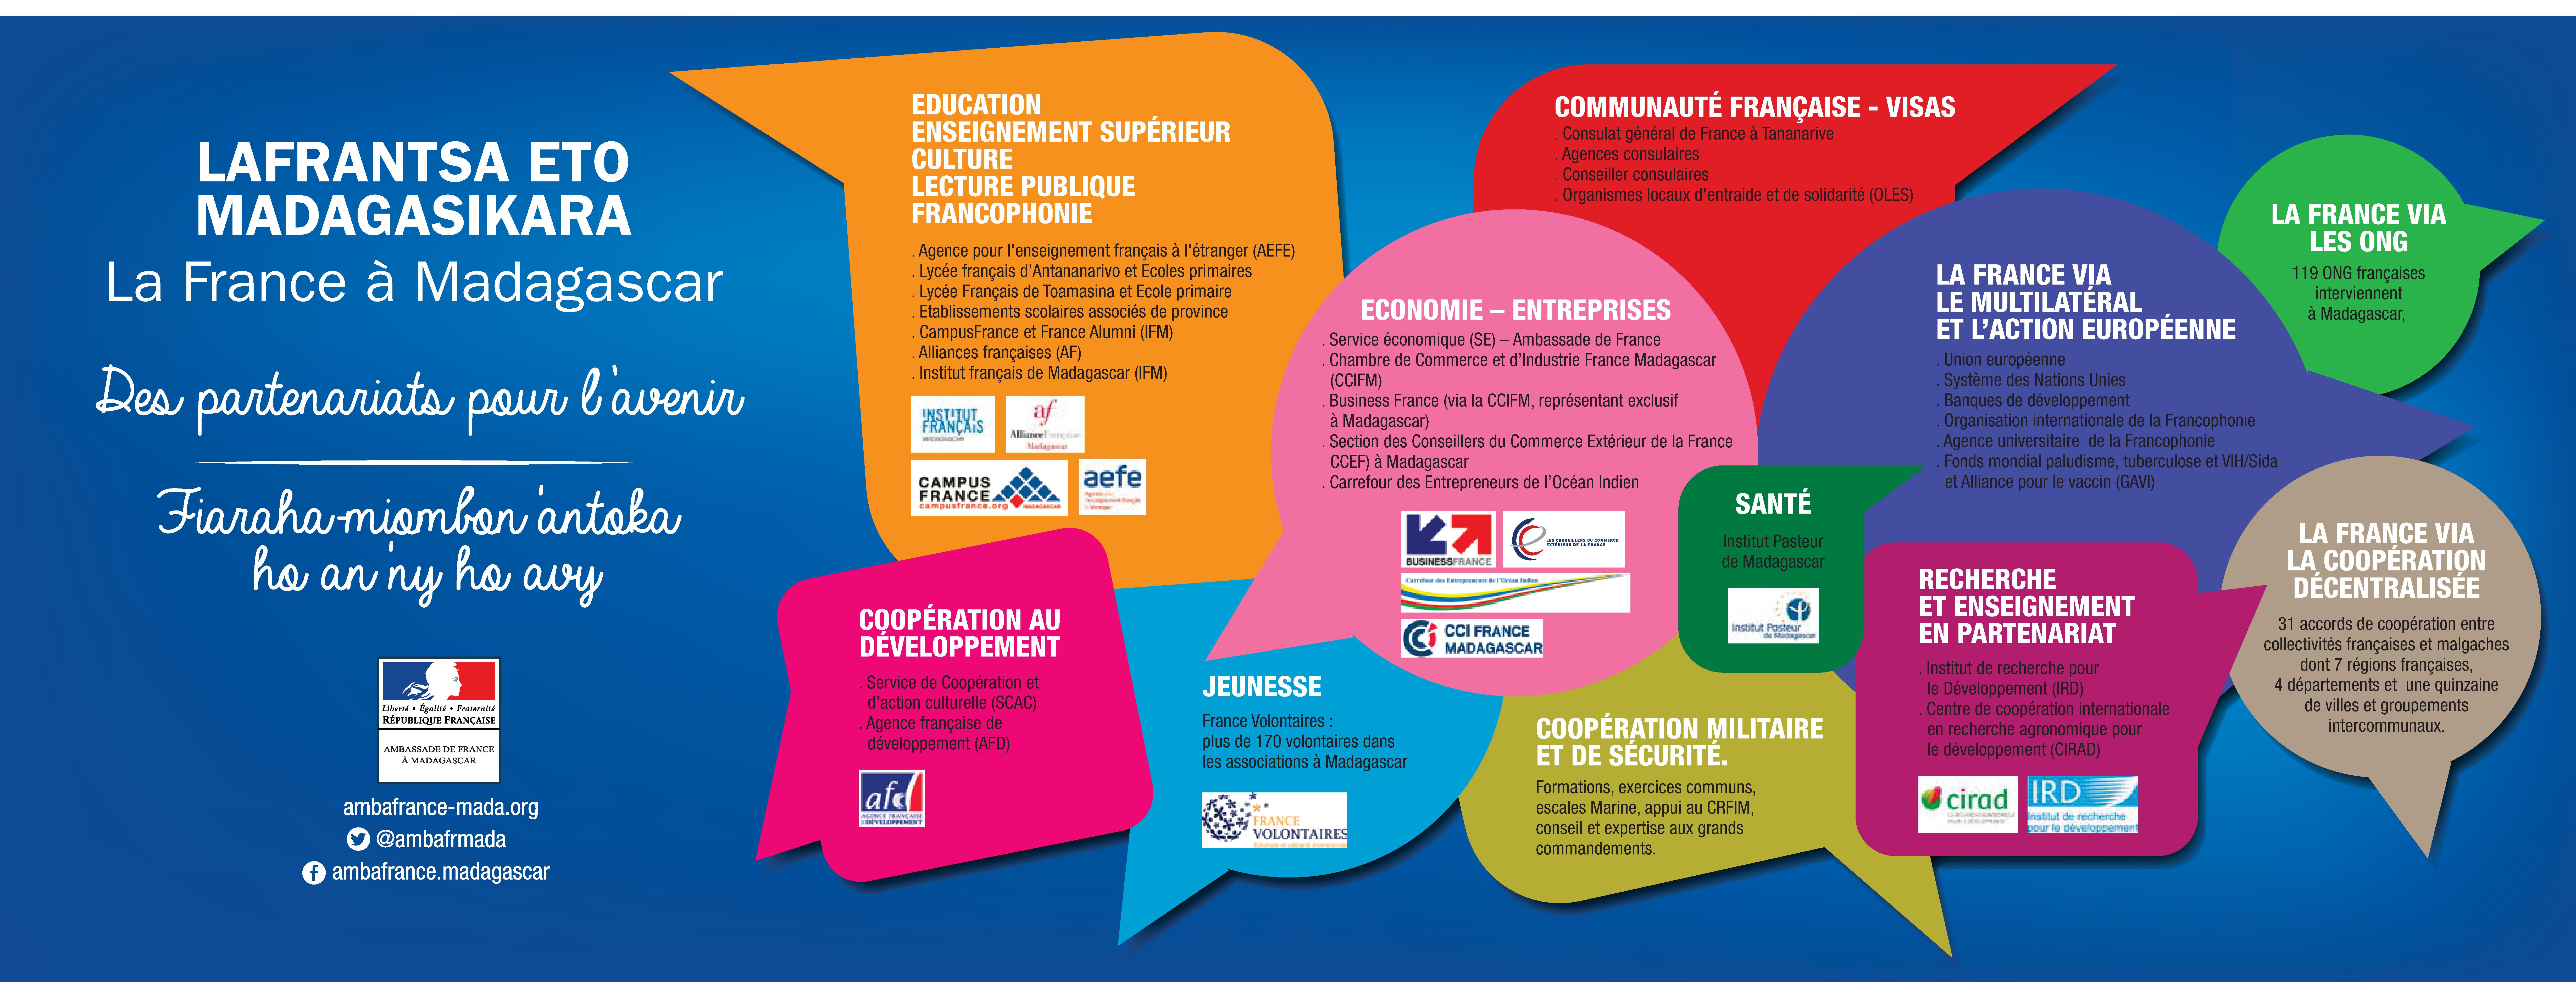 La france madagascar des partenariats pour l 39 avenir for Chambre de commerce de madagascar